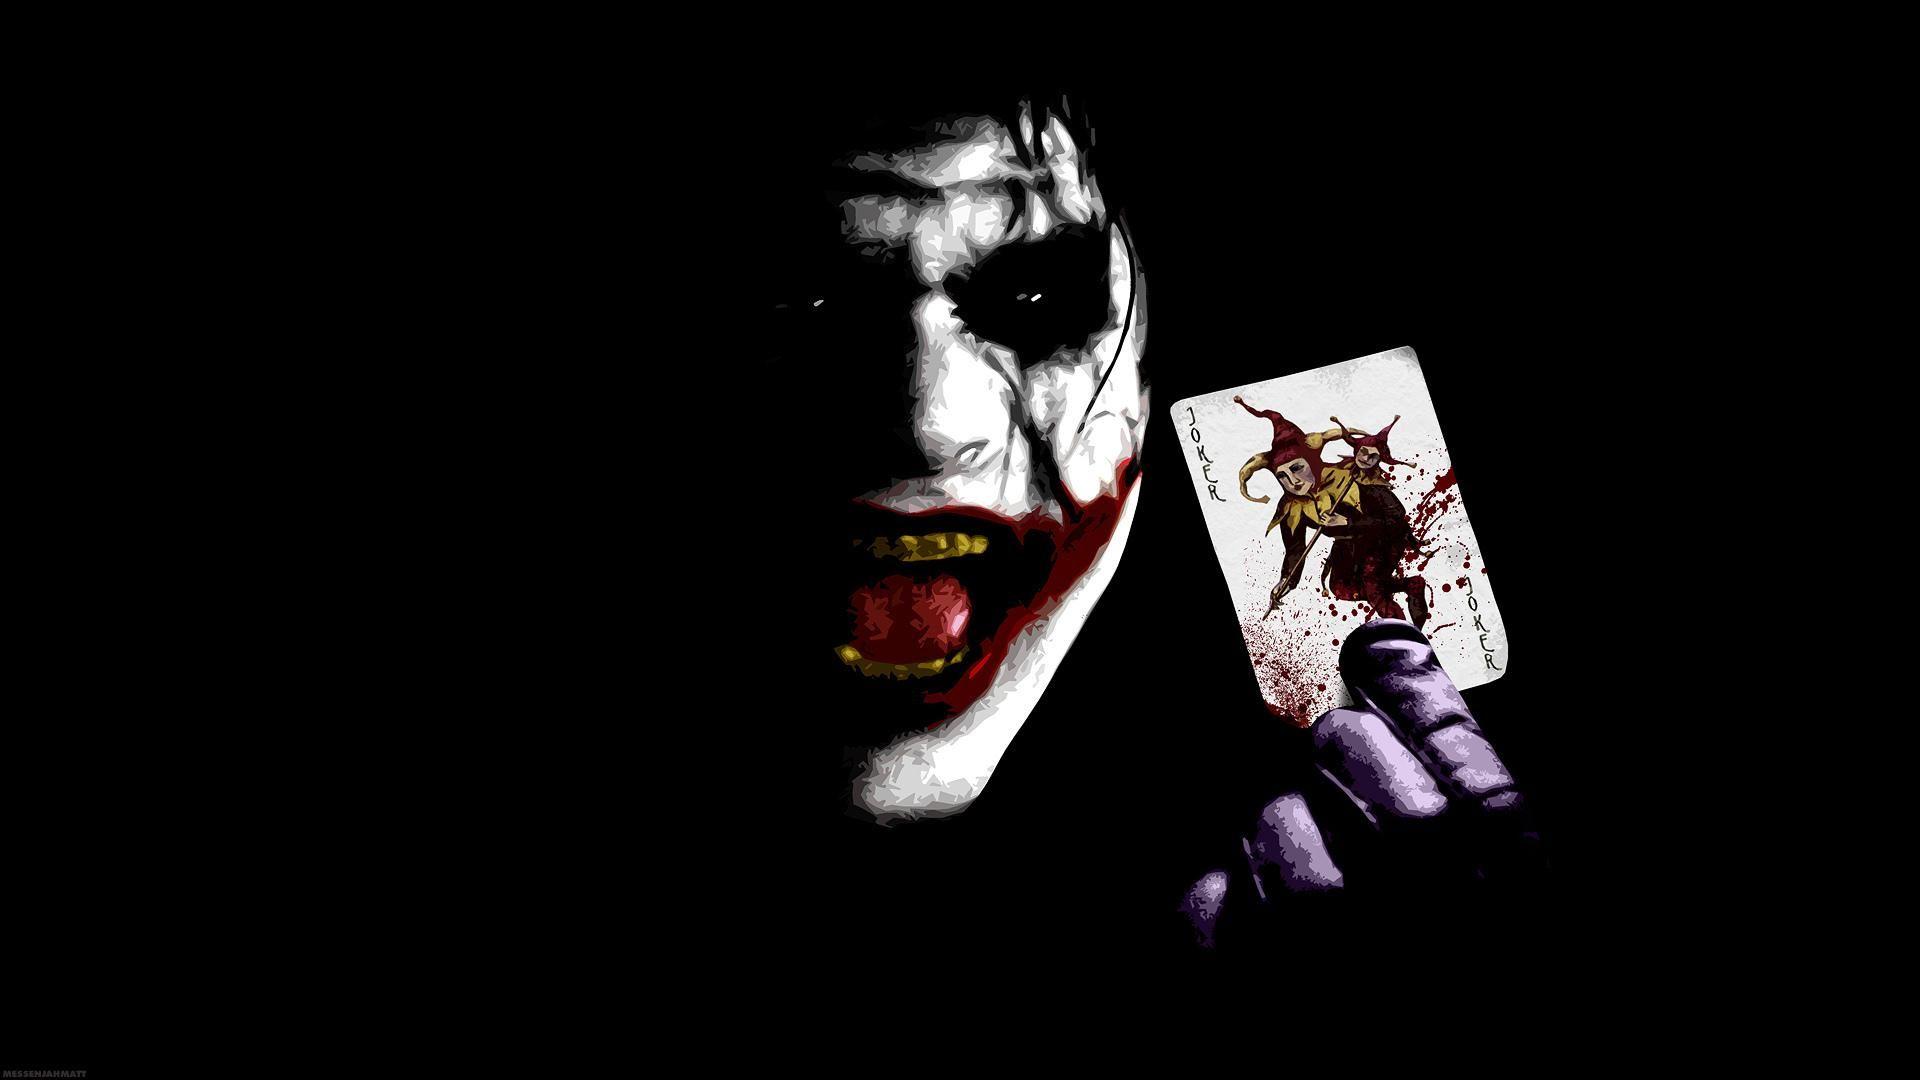 Cool Wallpapers Joker Batman chris Pinterest Joker